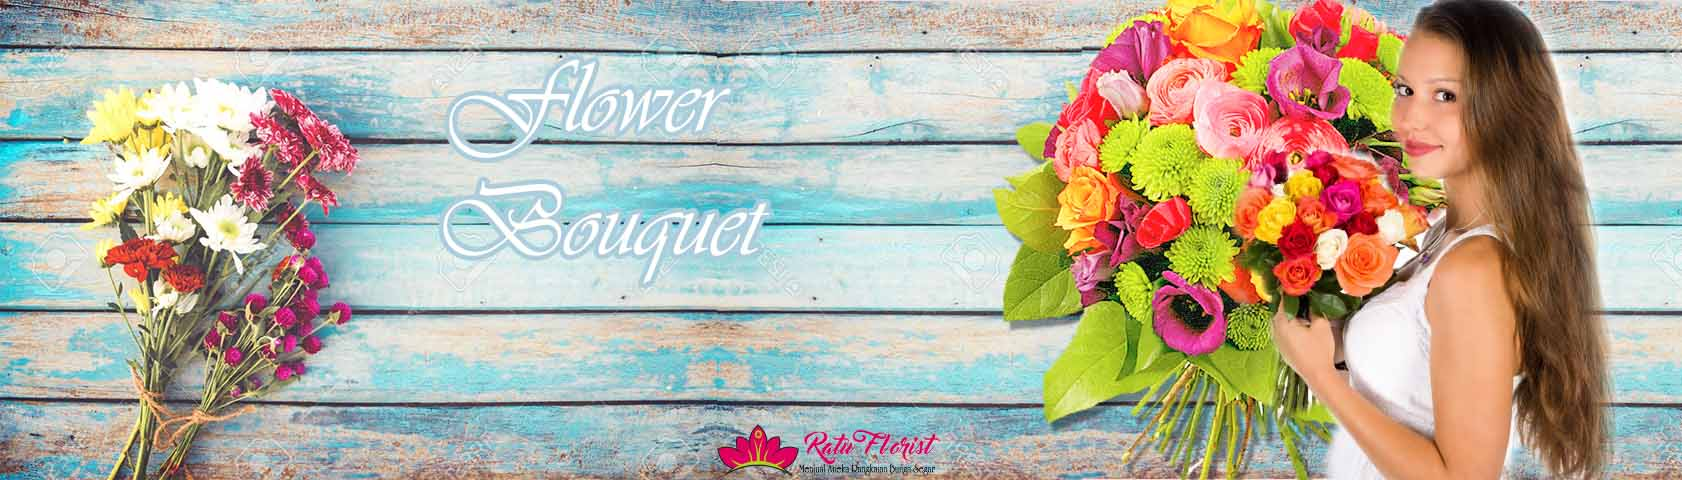 Jual bunga jakarta Utara, Jual Bunga di Jakarta Utara Murah 150 Ribuan